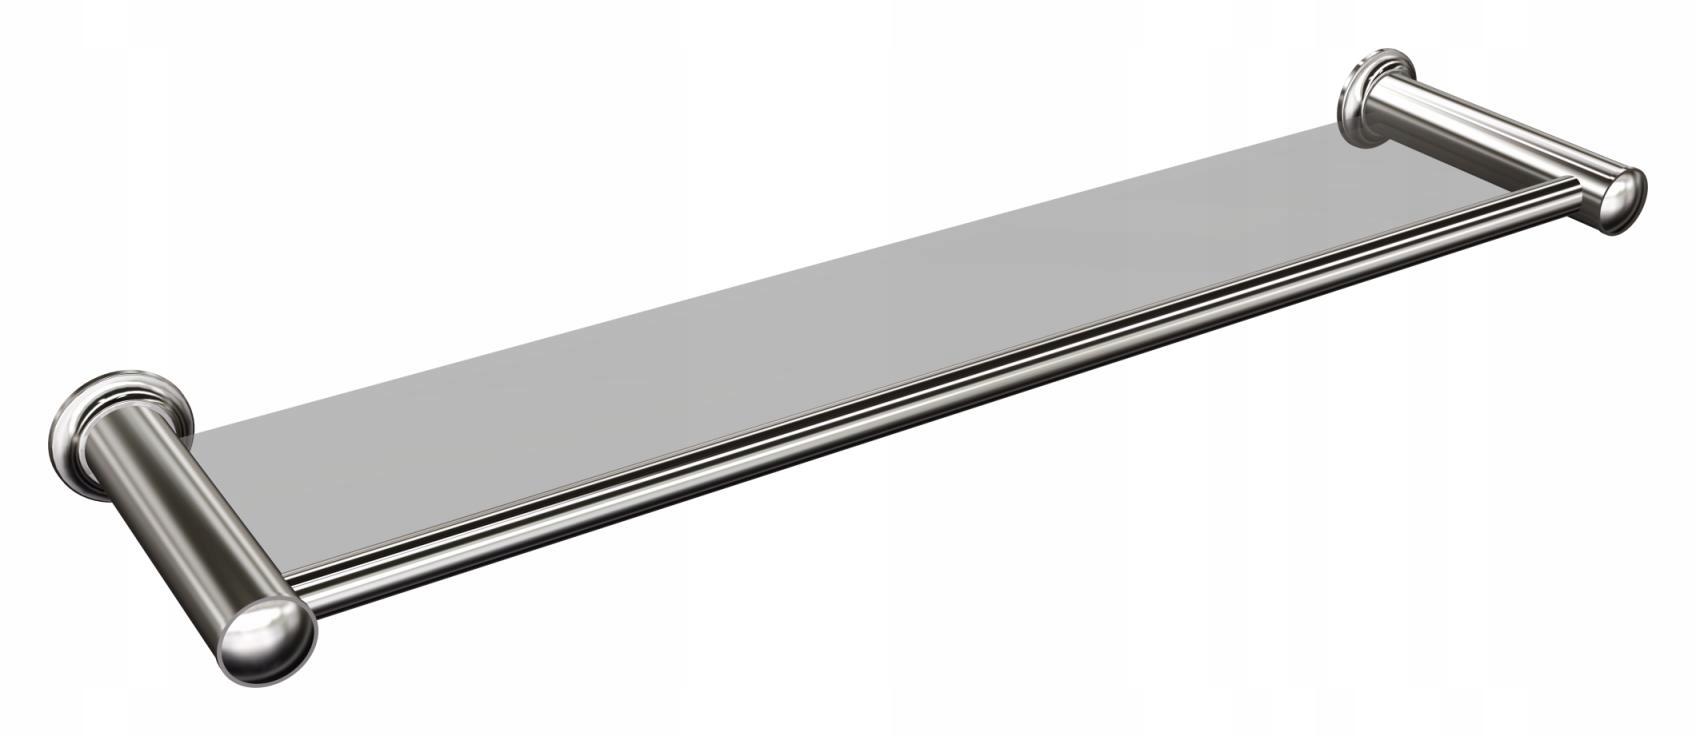 Sklenená polička do kúpeľne pod zrkadlo, závesná 60 cm